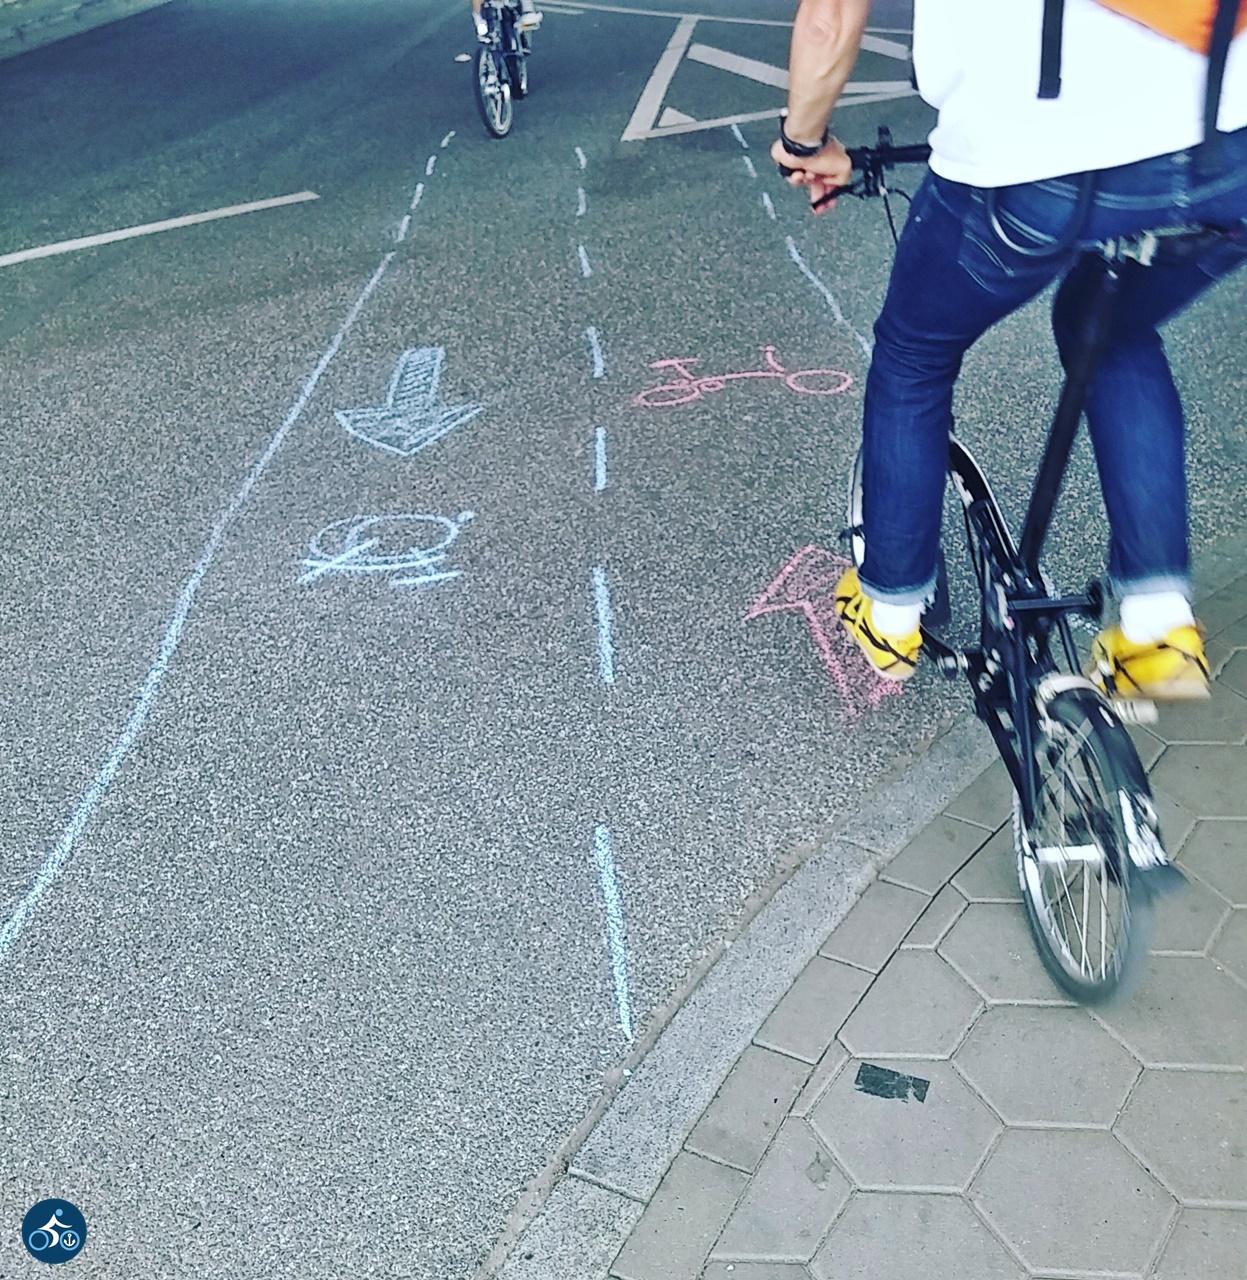 Unser Radweg, auf dem die Bromptonsymbole nicht fehlen durften.